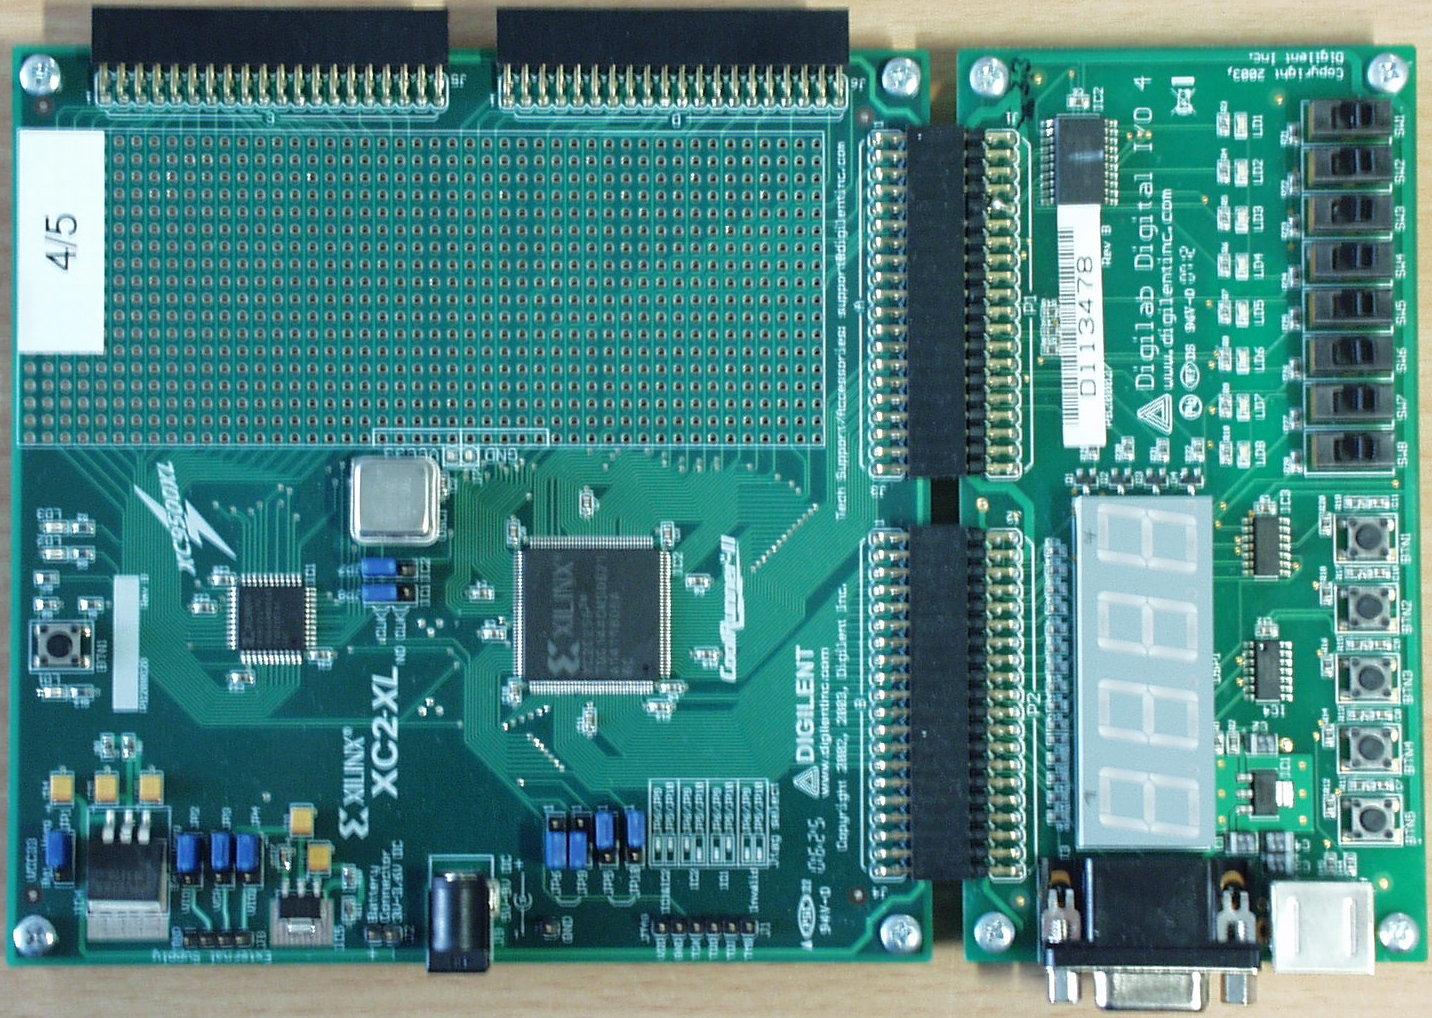 XILINX XC2-XL mit DIGILAB DIGITAL I/O 4